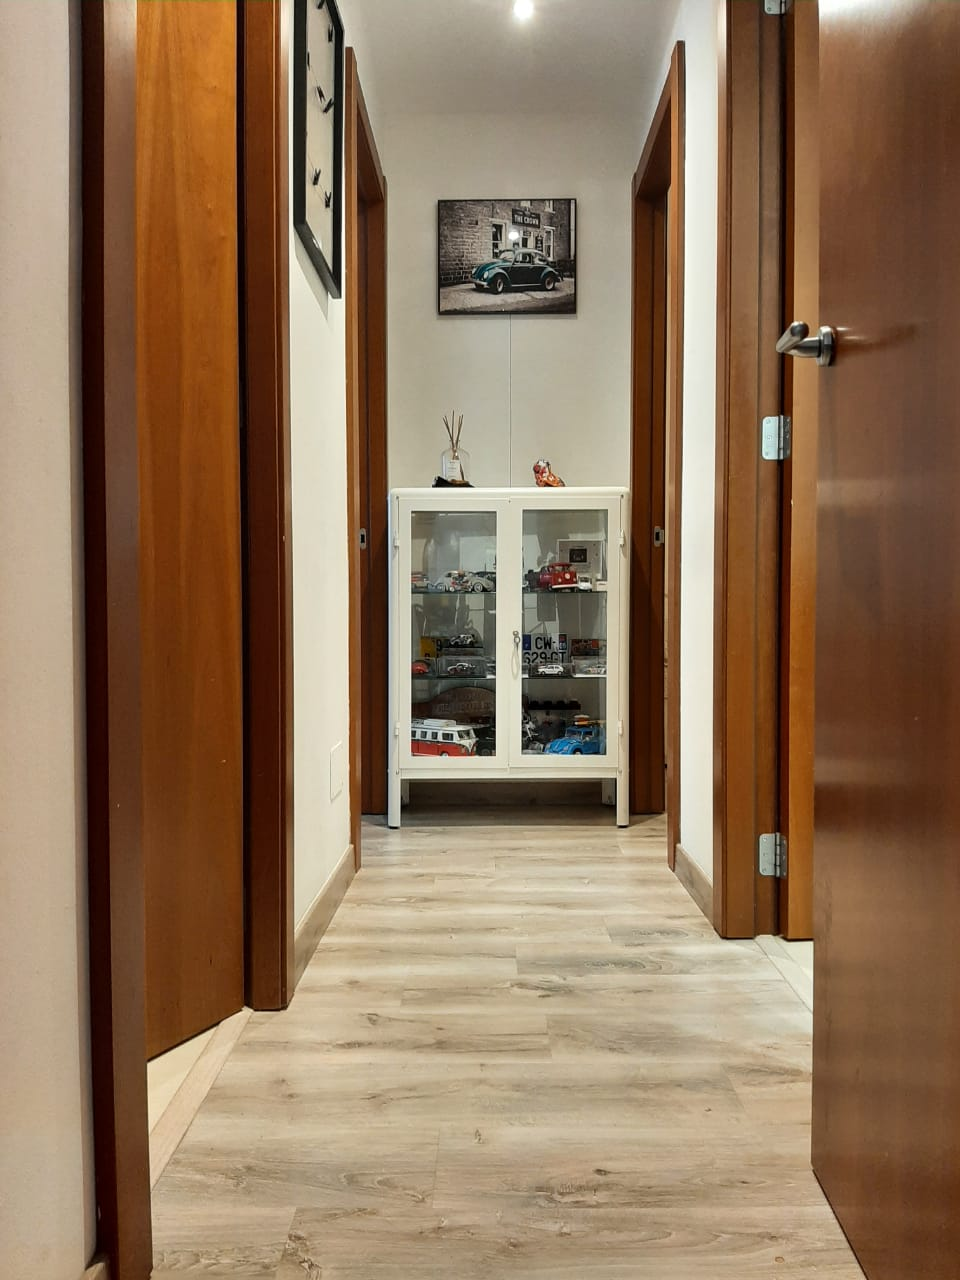 Pis de lloguer a Arinsal, 2 habitacions, 80 metres